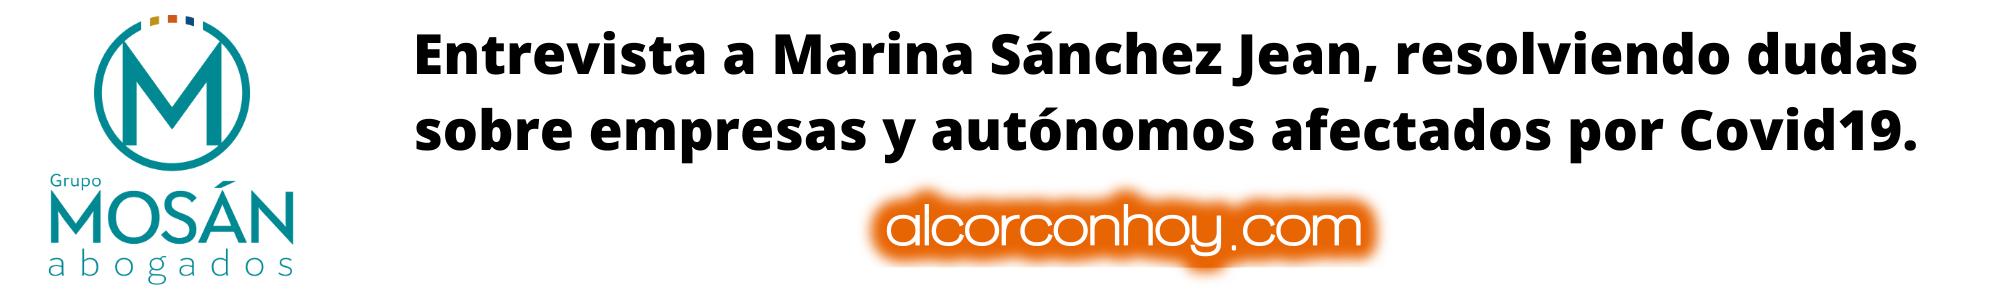 Entrevista Marina Sánchez Alcorcón Hoy